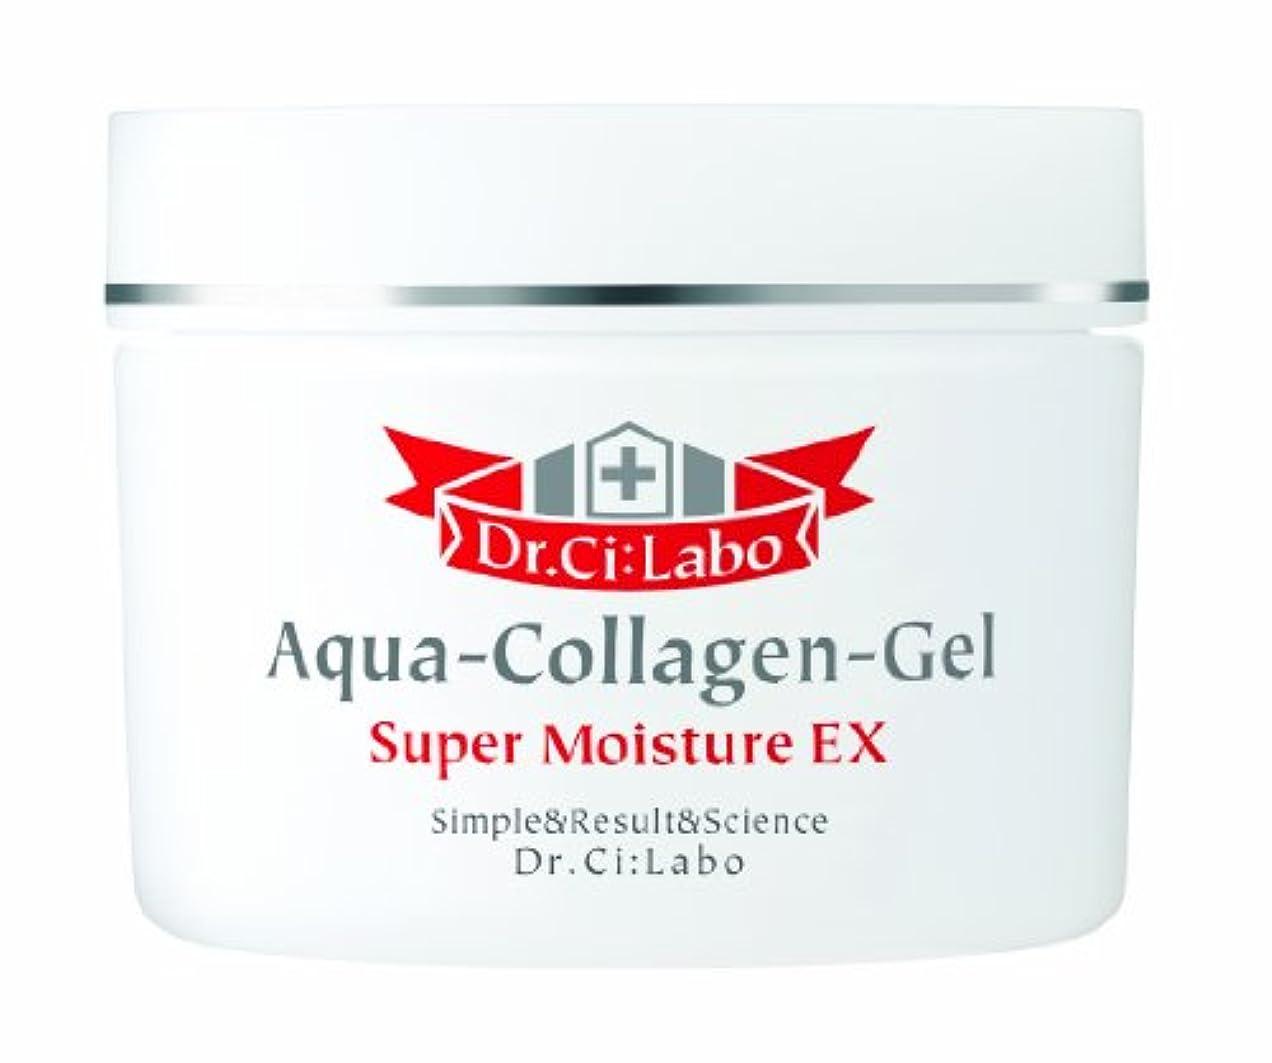 の前で剃る構造的ドクターシーラボ アクアコラーゲンゲル スーパーモイスチャーEX 50g